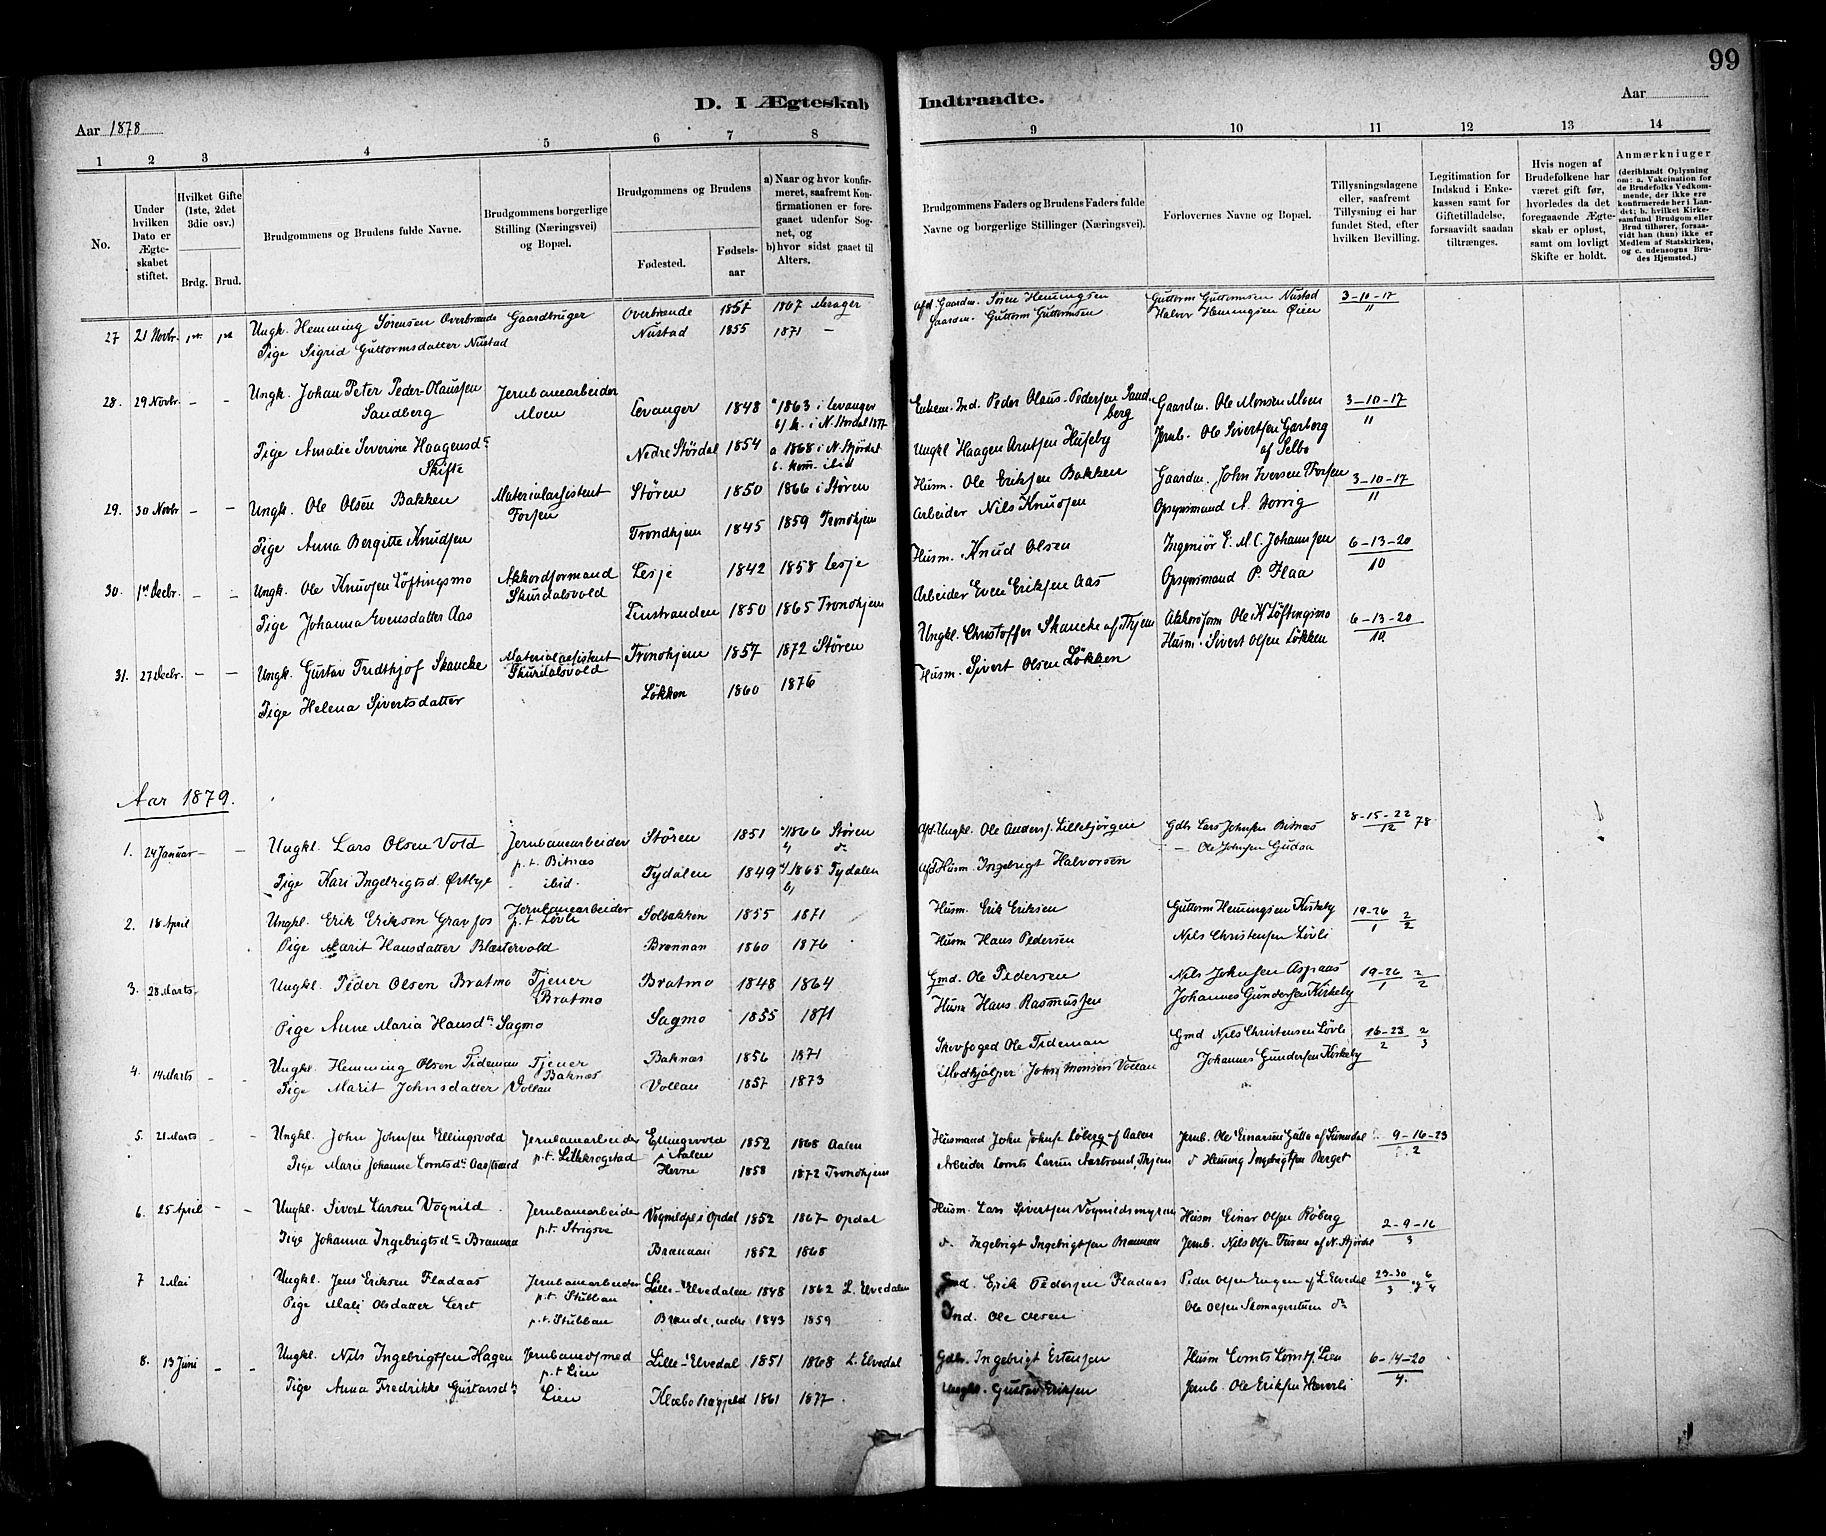 SAT, Ministerialprotokoller, klokkerbøker og fødselsregistre - Nord-Trøndelag, 706/L0047: Ministerialbok nr. 706A03, 1878-1892, s. 99